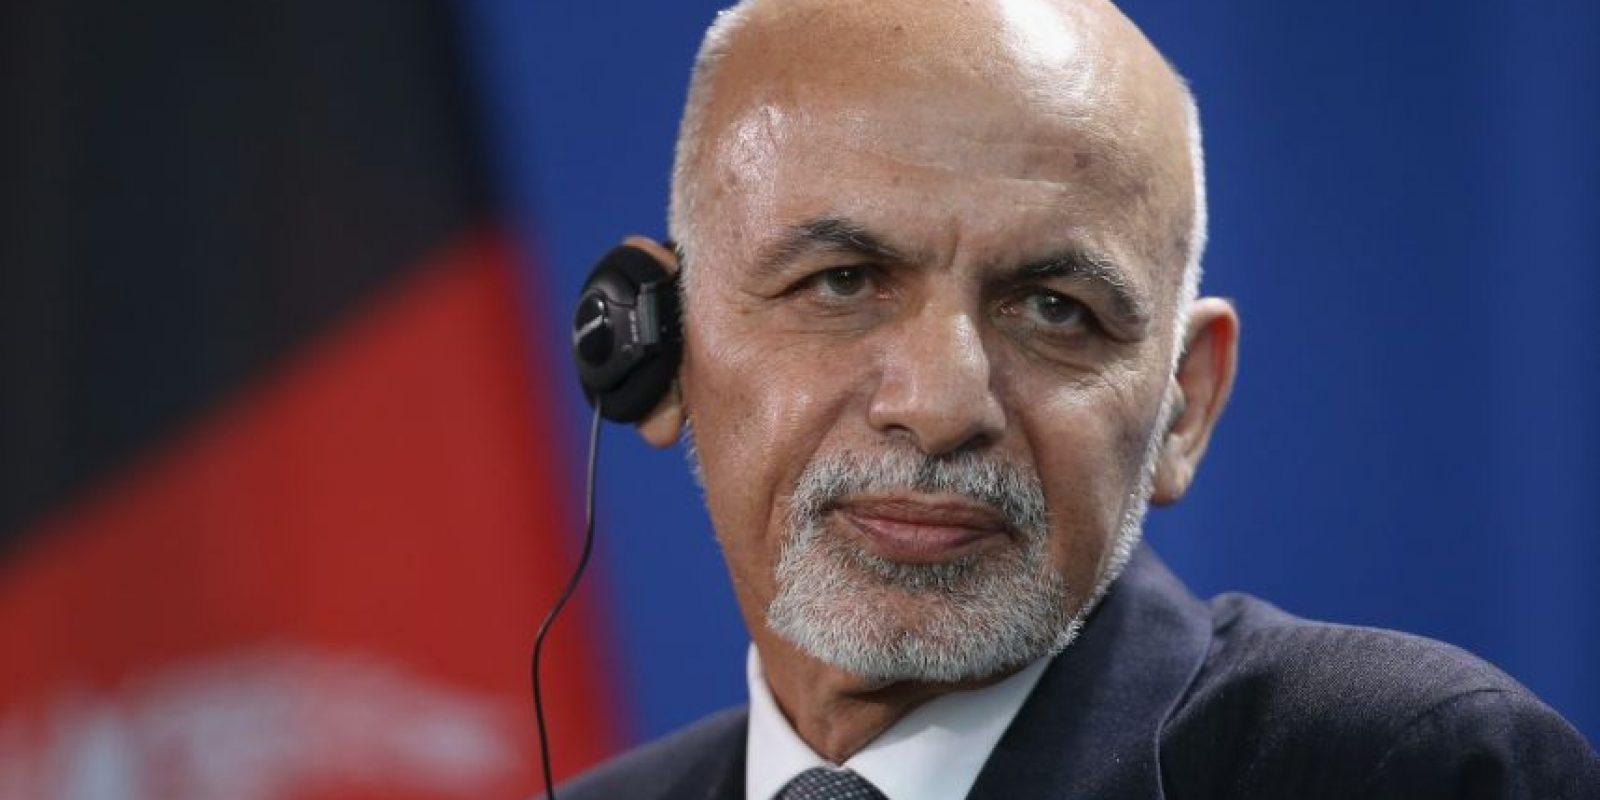 Si eso sucede, sería un golpe fuerte para el gobierno afgano Foto:Getty Images